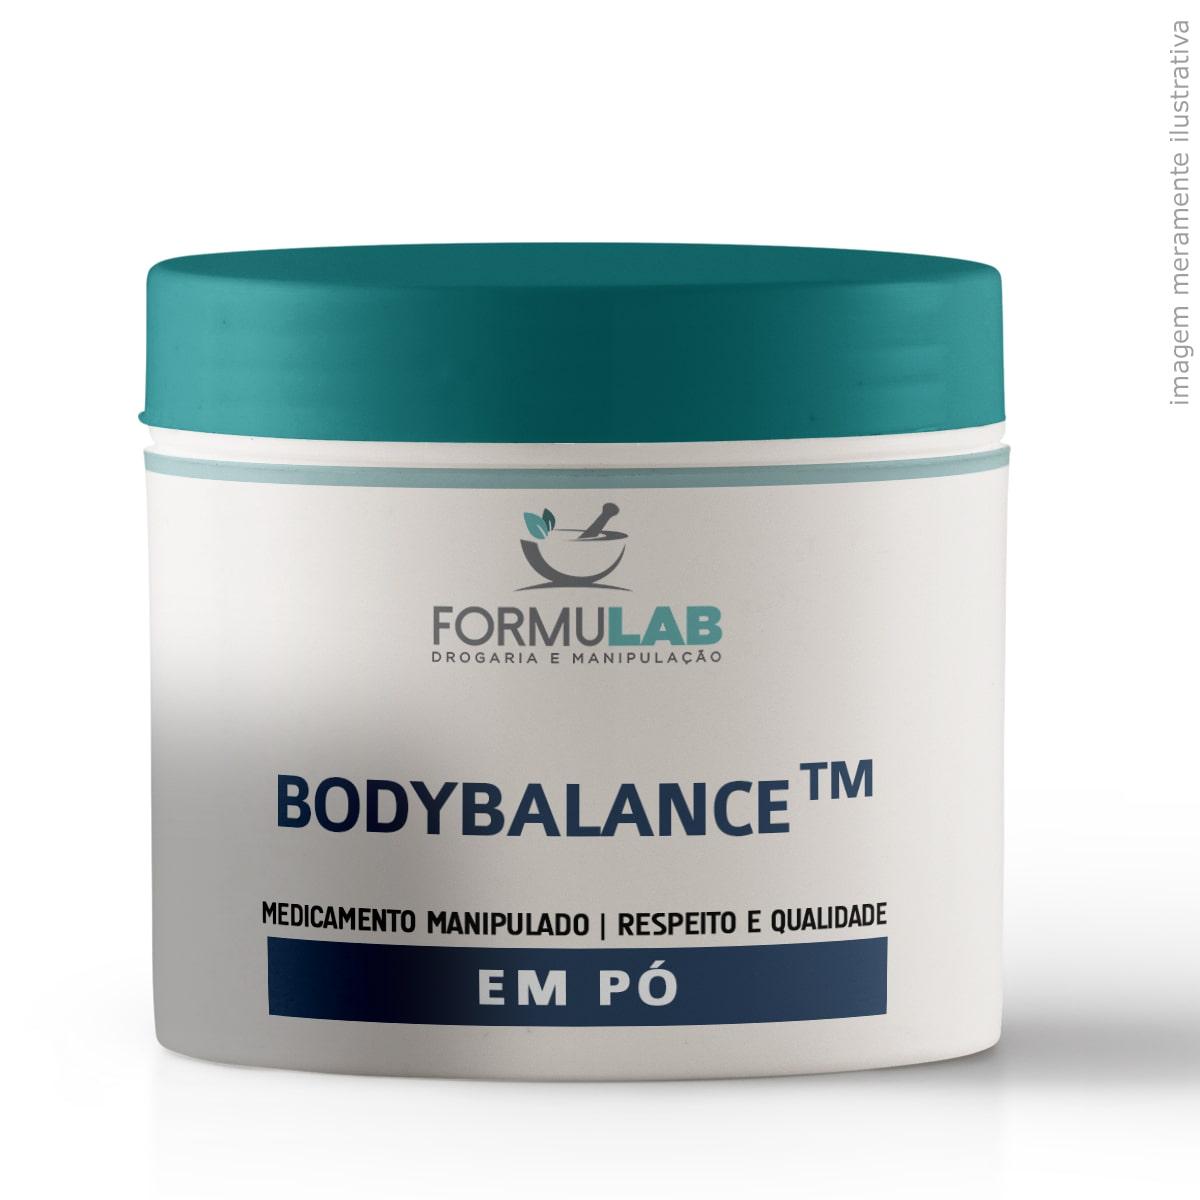 BODYBALANCE™ - Peptídeos de Colágeno - 500 GRAMAS